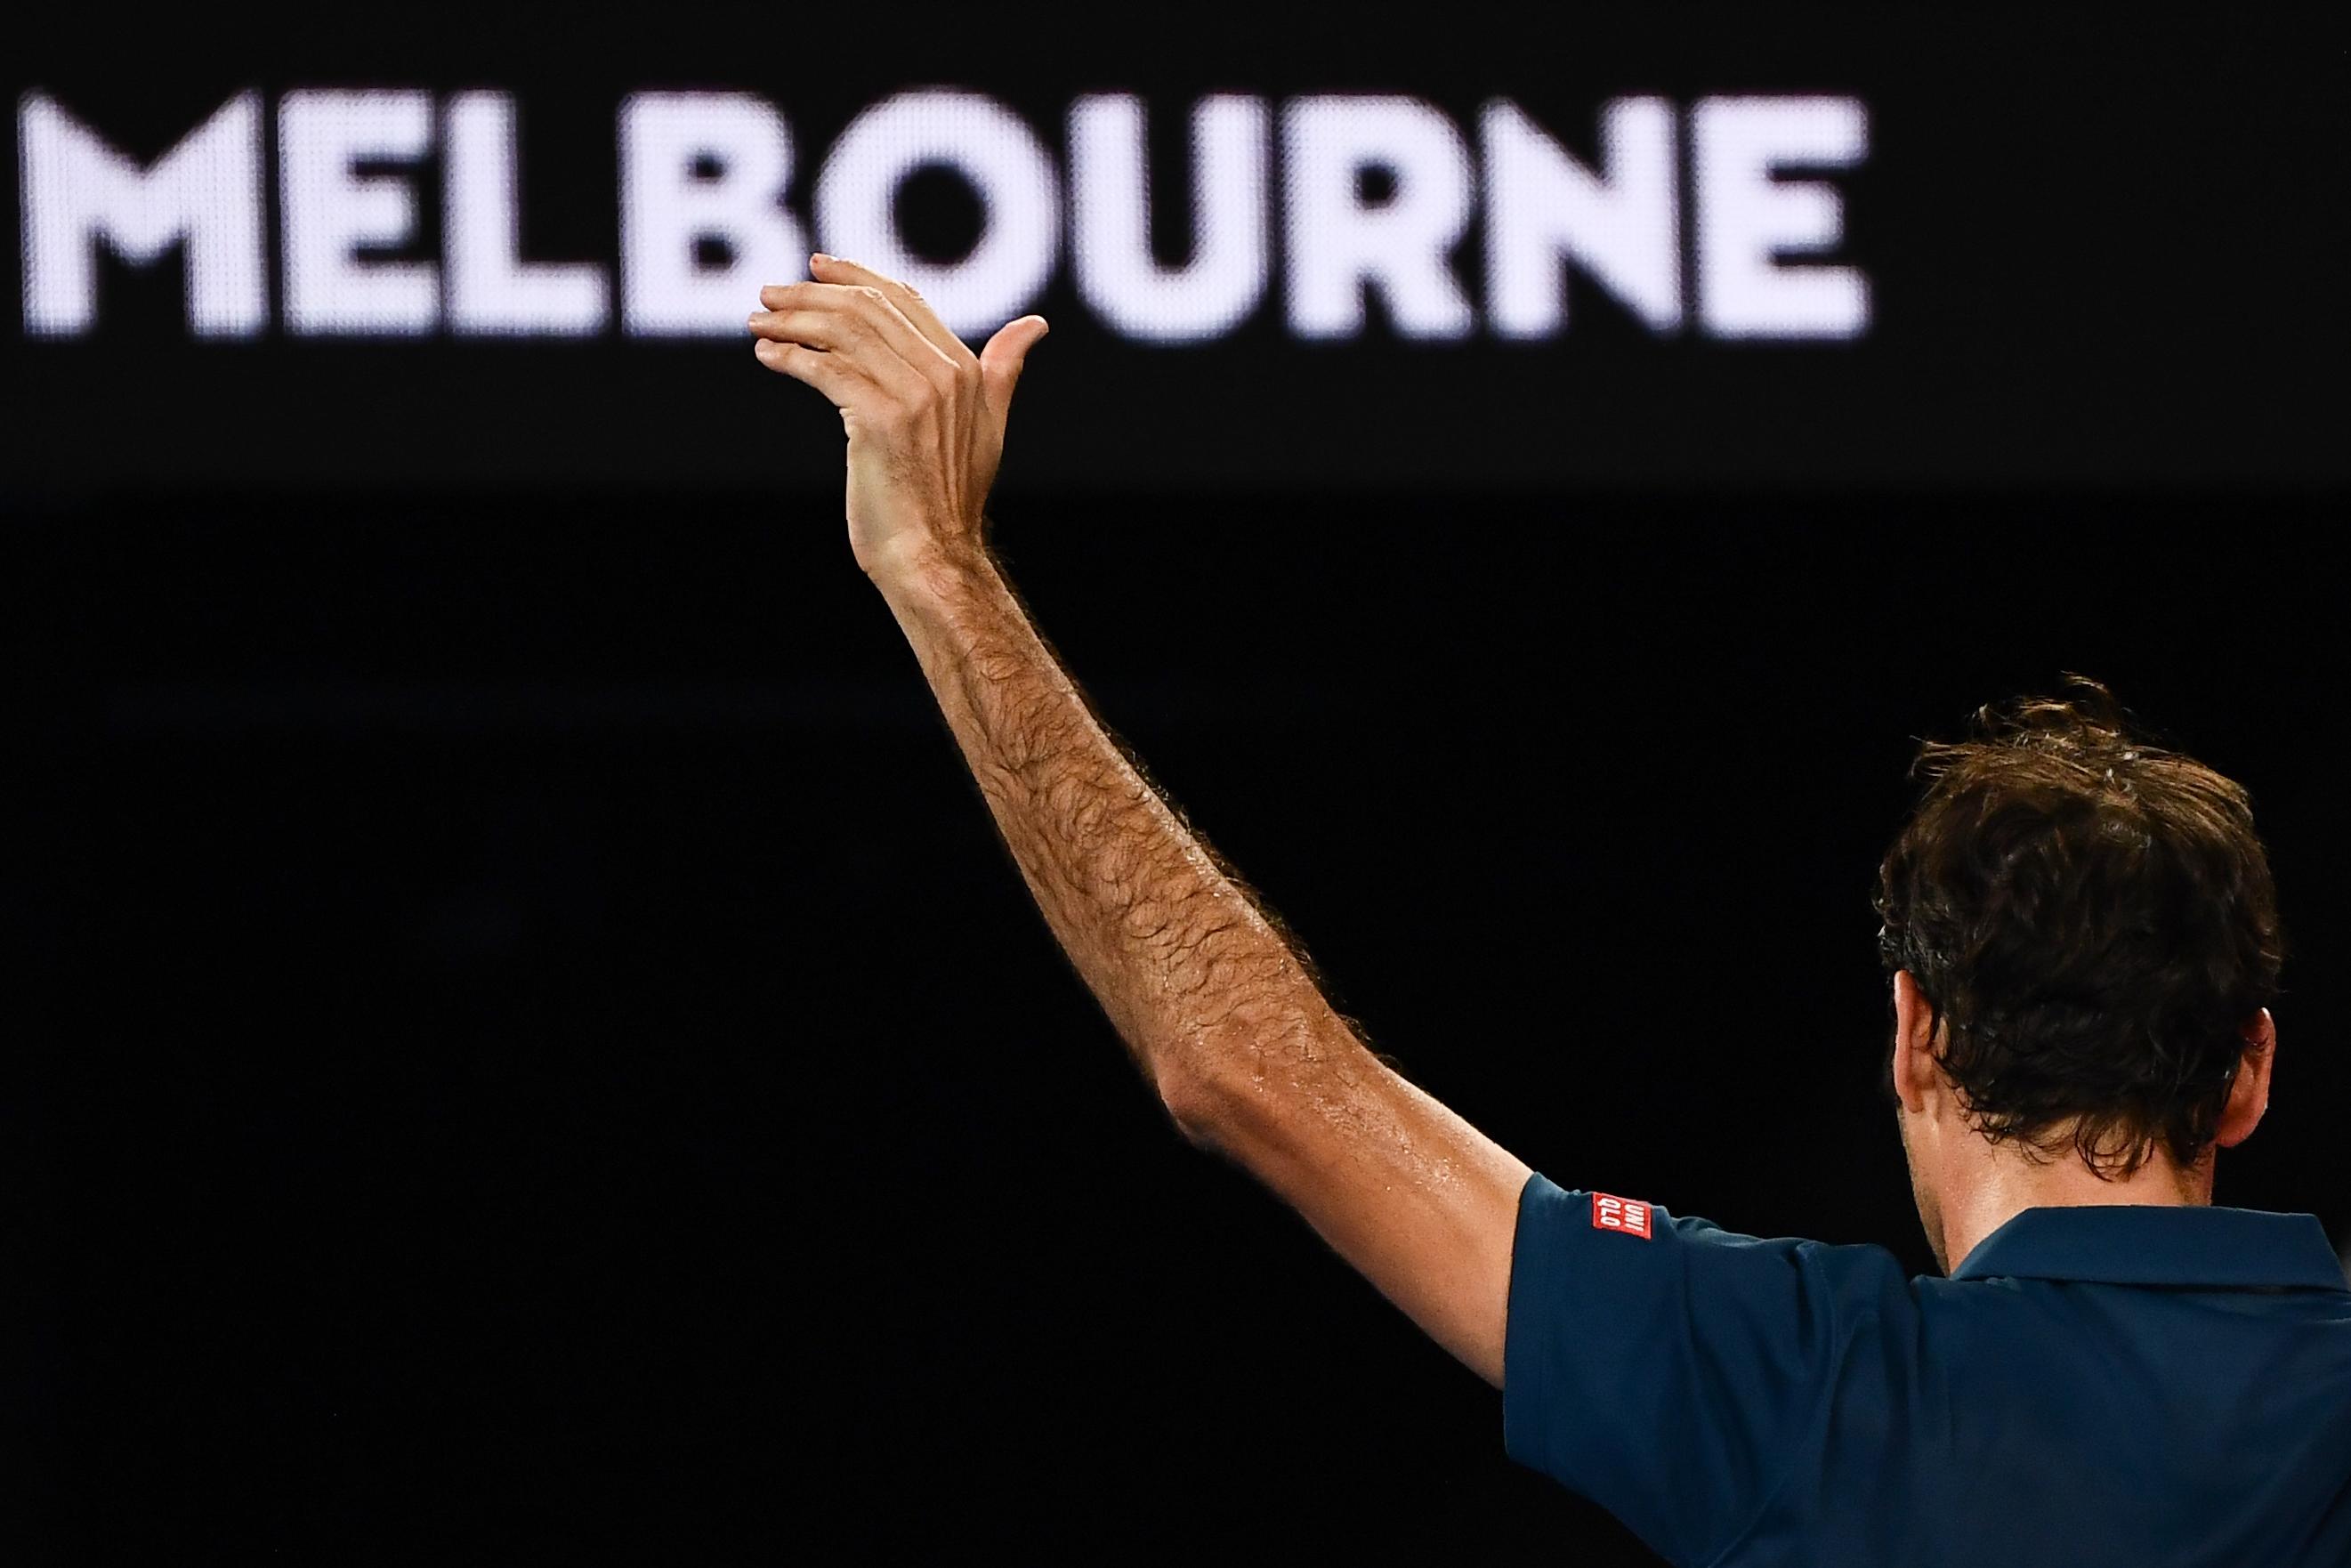 El suizo Roger Federer dice adiós al Abierto de Australia, el vigente campeón queda fuera de competencia. (Foto Prensa Libre: AFP)